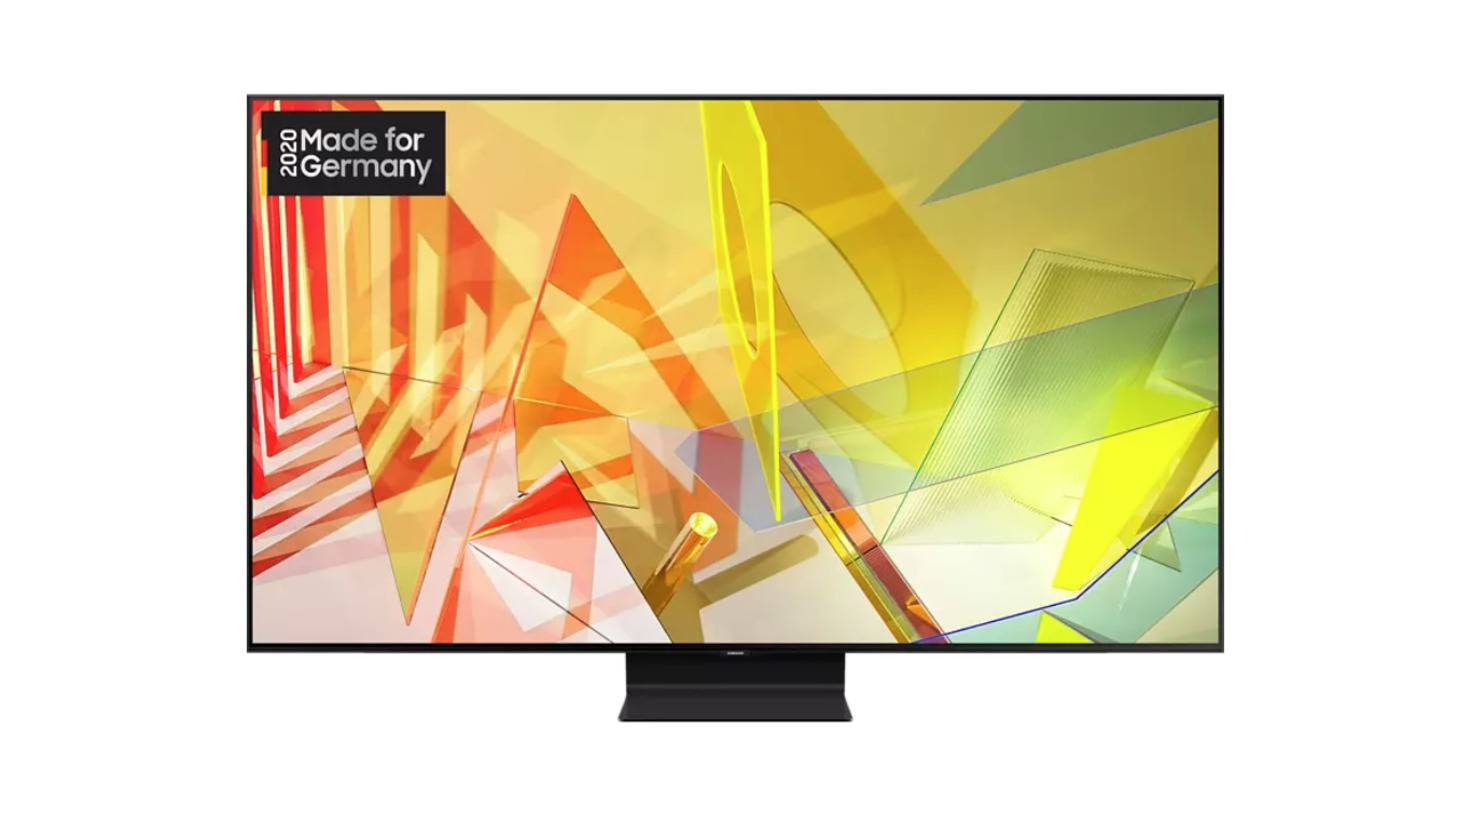 samsung-q90t-tv-fernseher-2